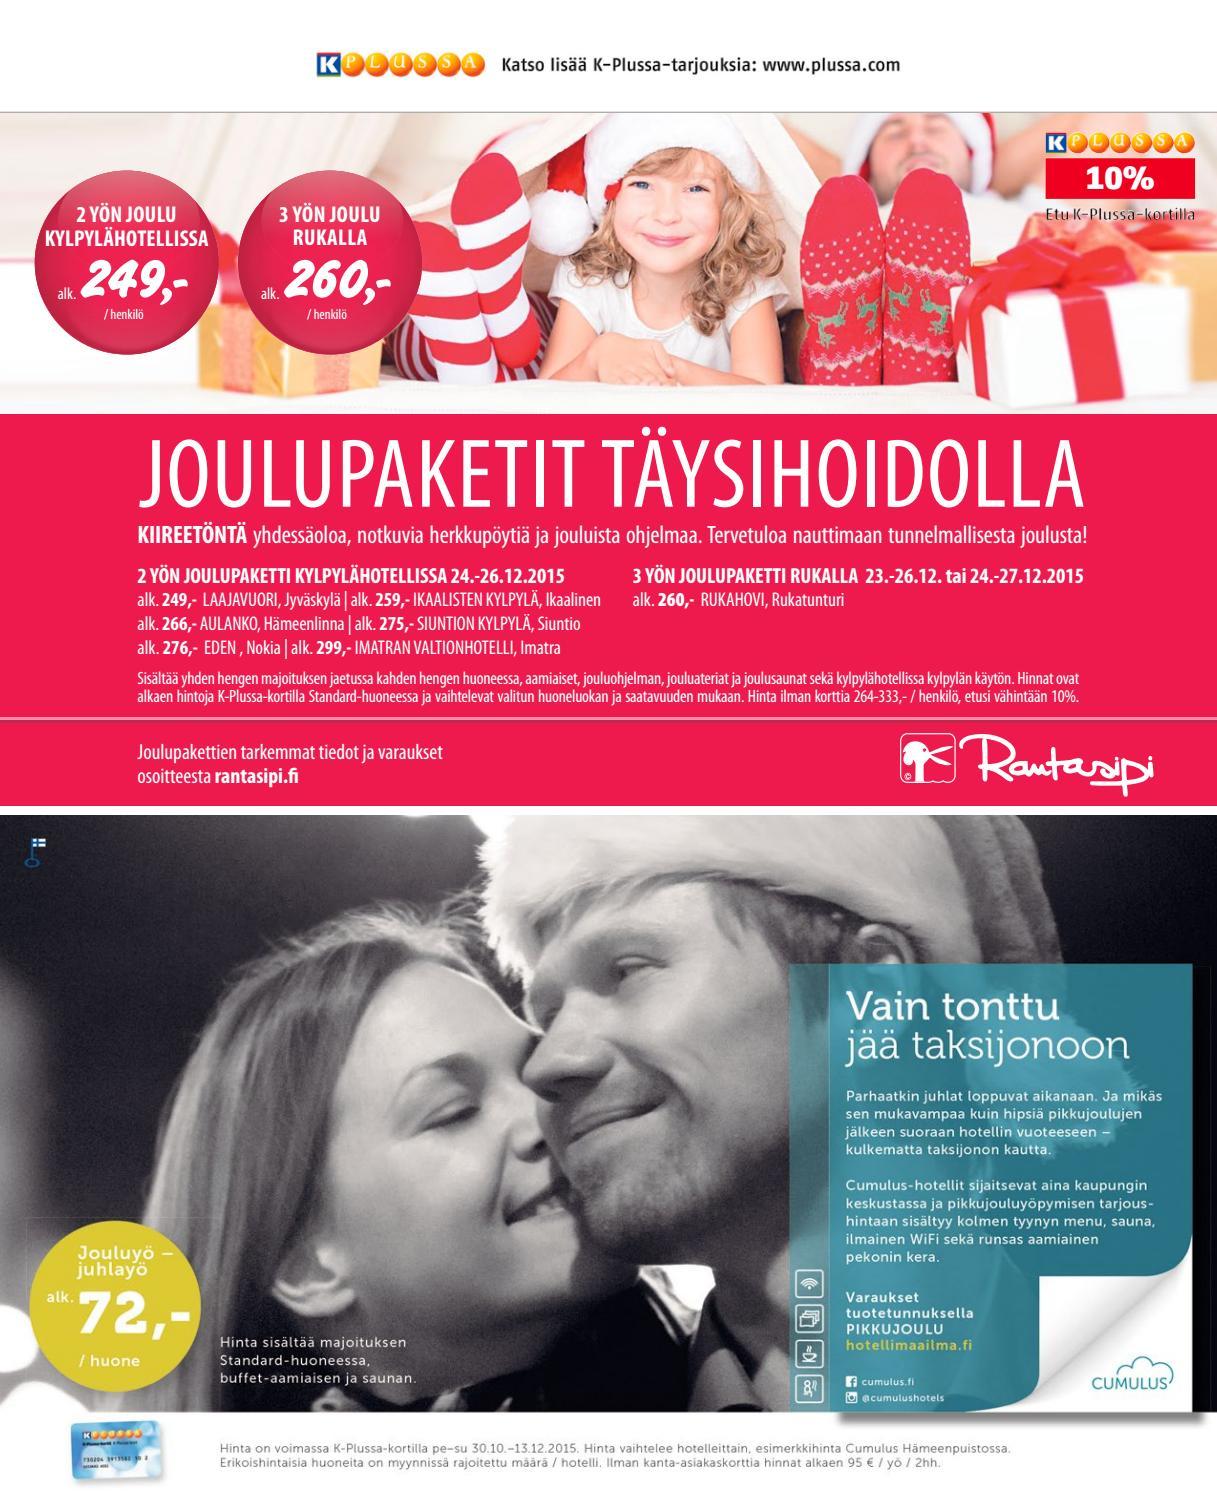 eden joulu 2018 PIRKKA 11/2015 by Ruokakesko   issuu eden joulu 2018